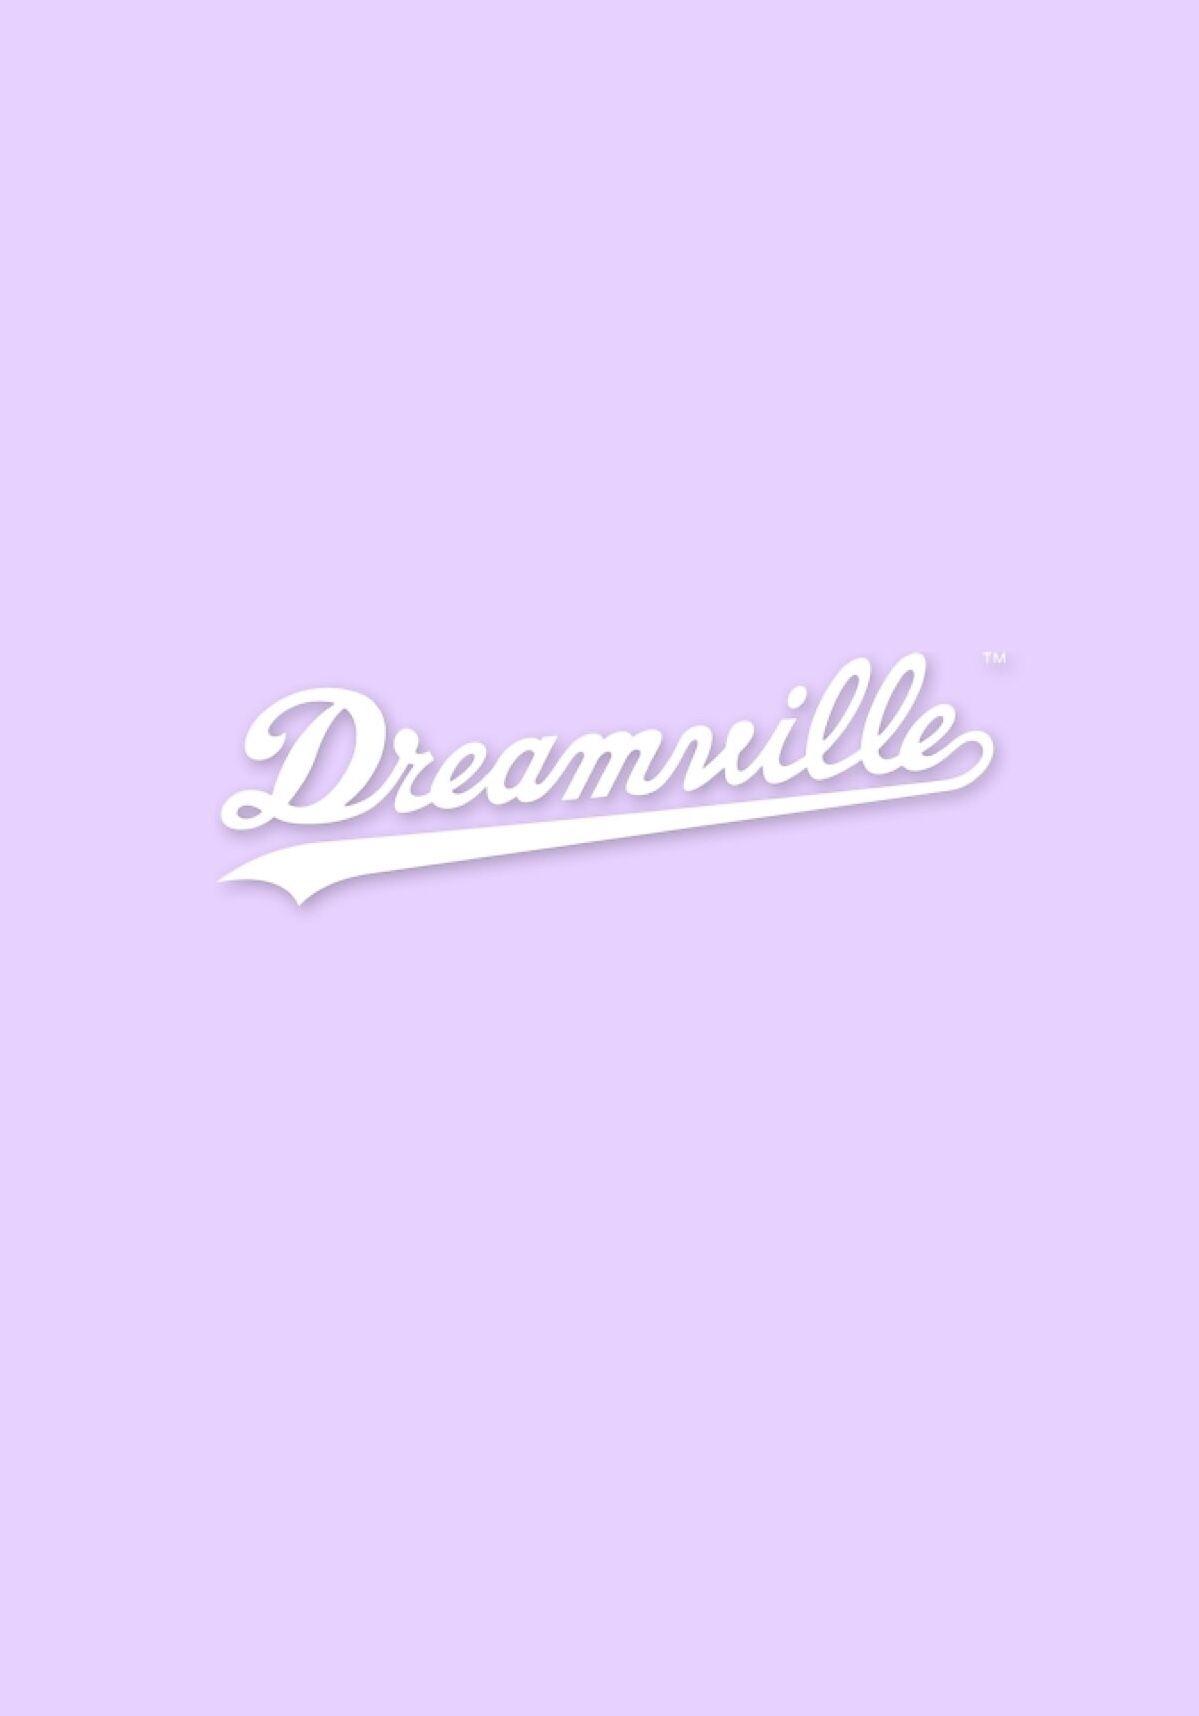 J Cole Dreamville Wallpaper J Cole Art J Cole Pink Wallpaper Iphone